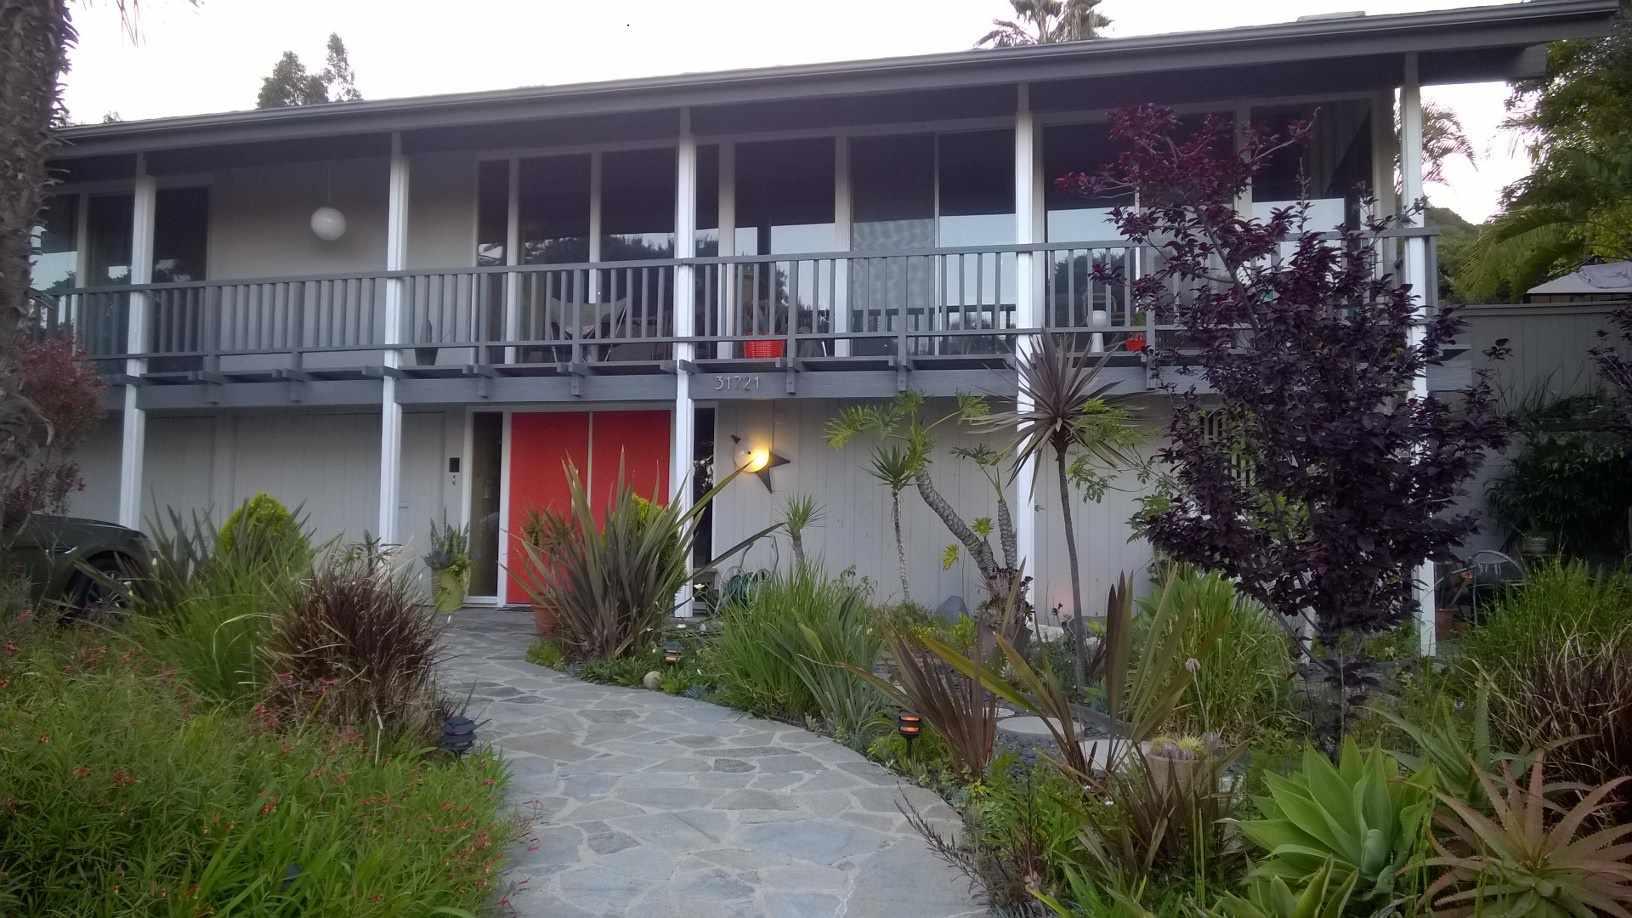 casa de mediados de siglo con puertas rojas